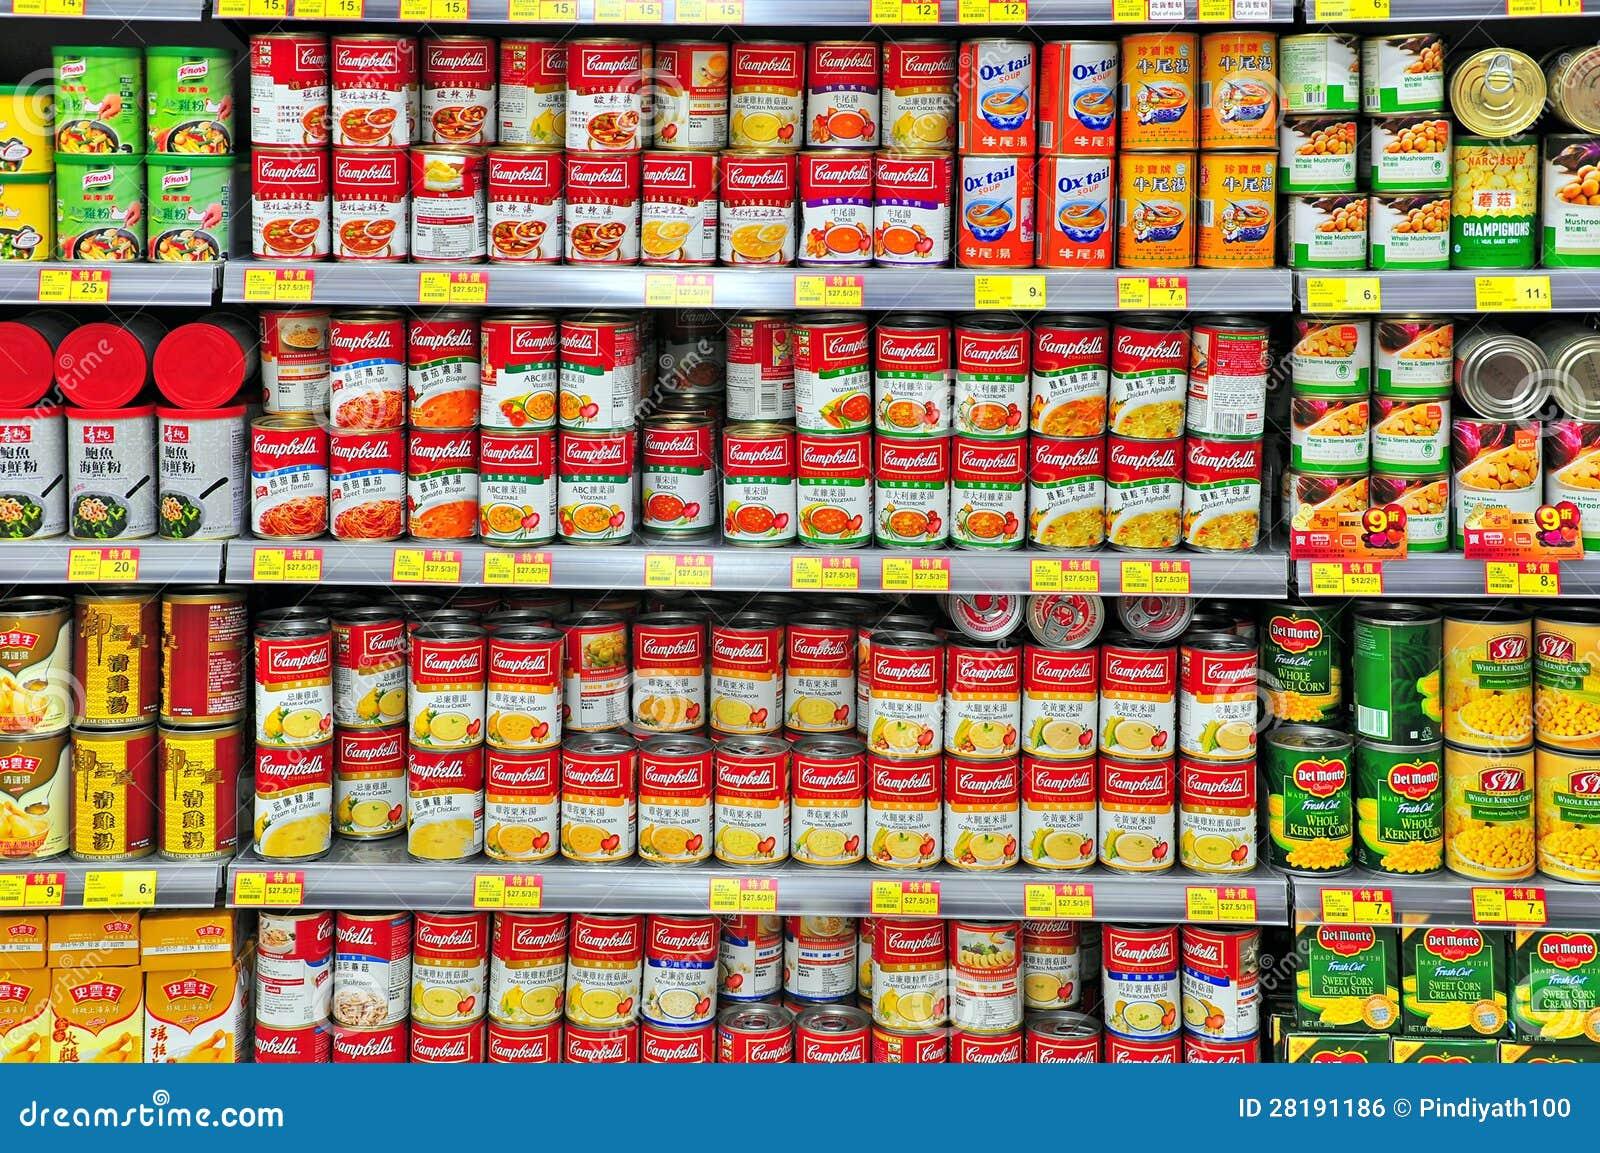 comida enlatada: